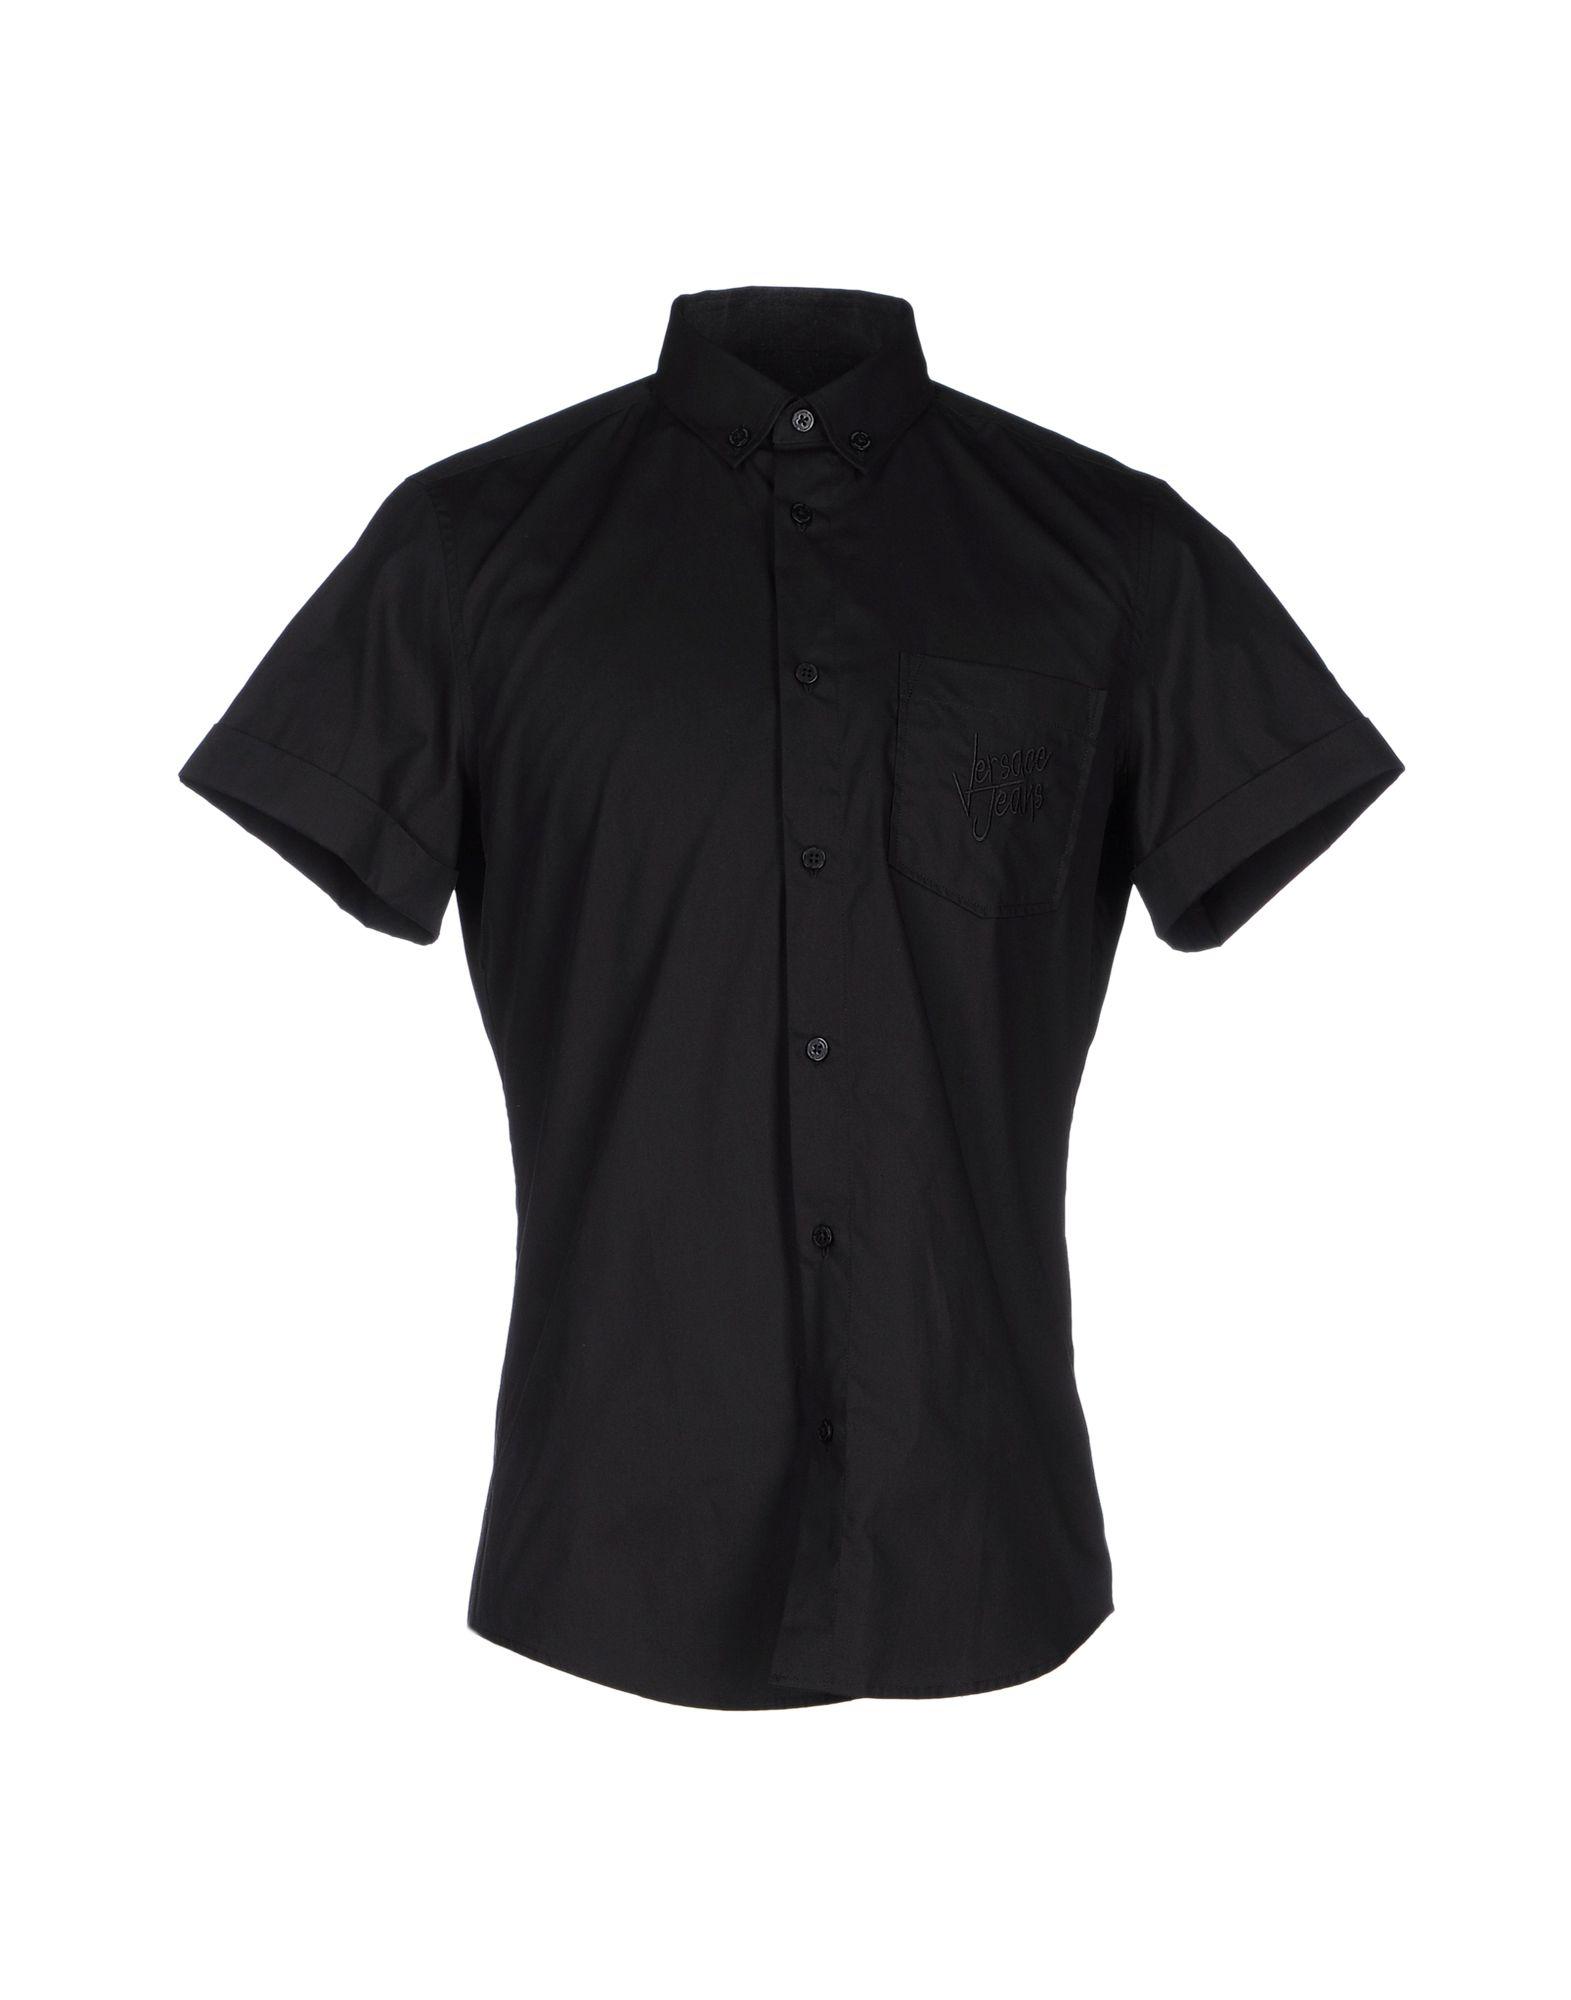 VERSACE JEANS Herren Hemd Farbe Schwarz Größe 6